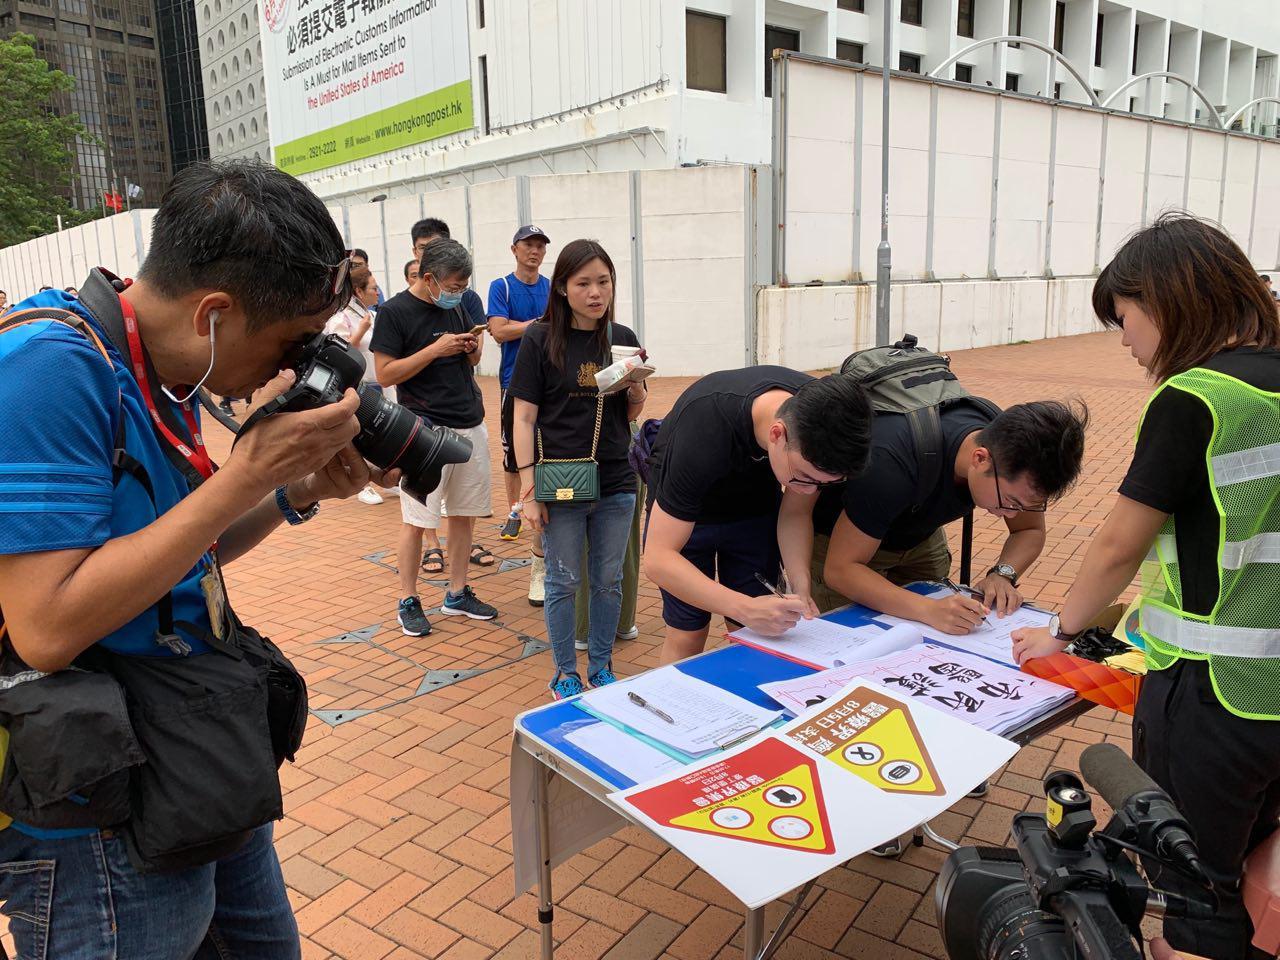 8月2日醫護界集會還沒有開始,聲援被抓的護士簽名已經開始排隊。(駱亞/ 大紀元)